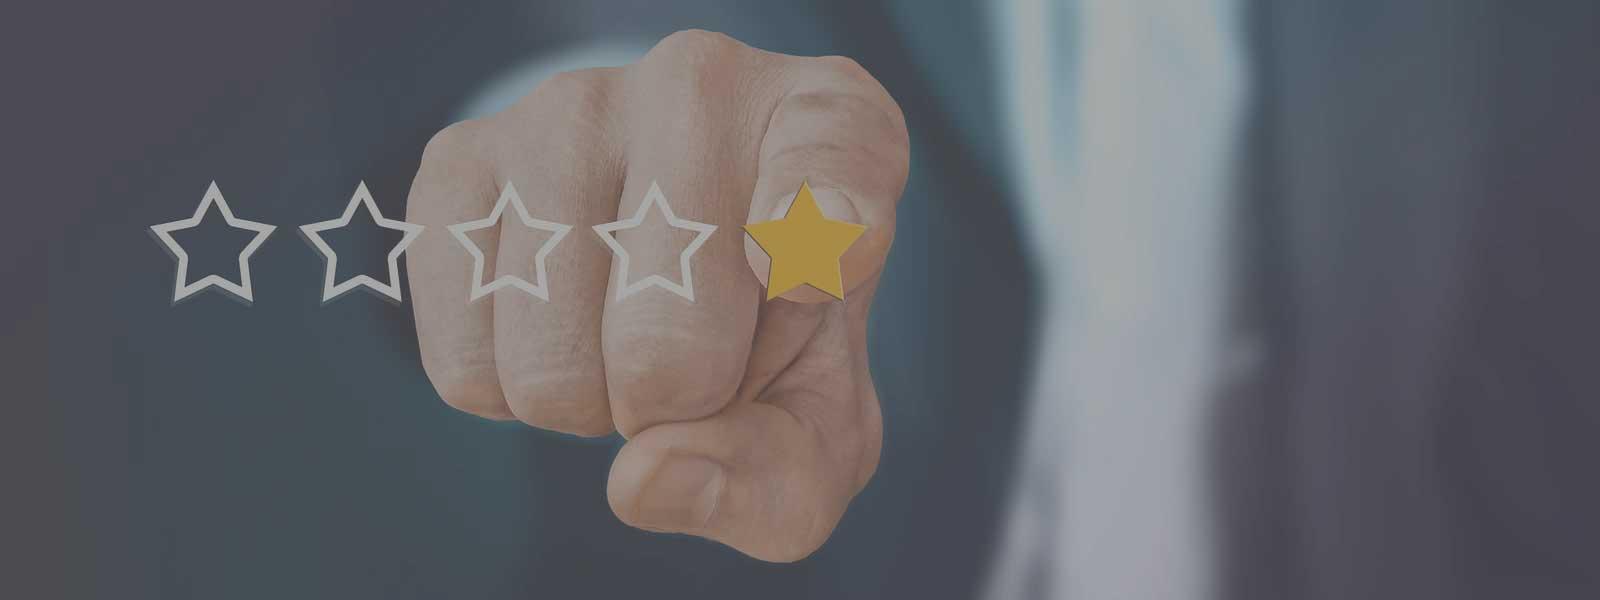 vinger die naar een review sterretje wijst